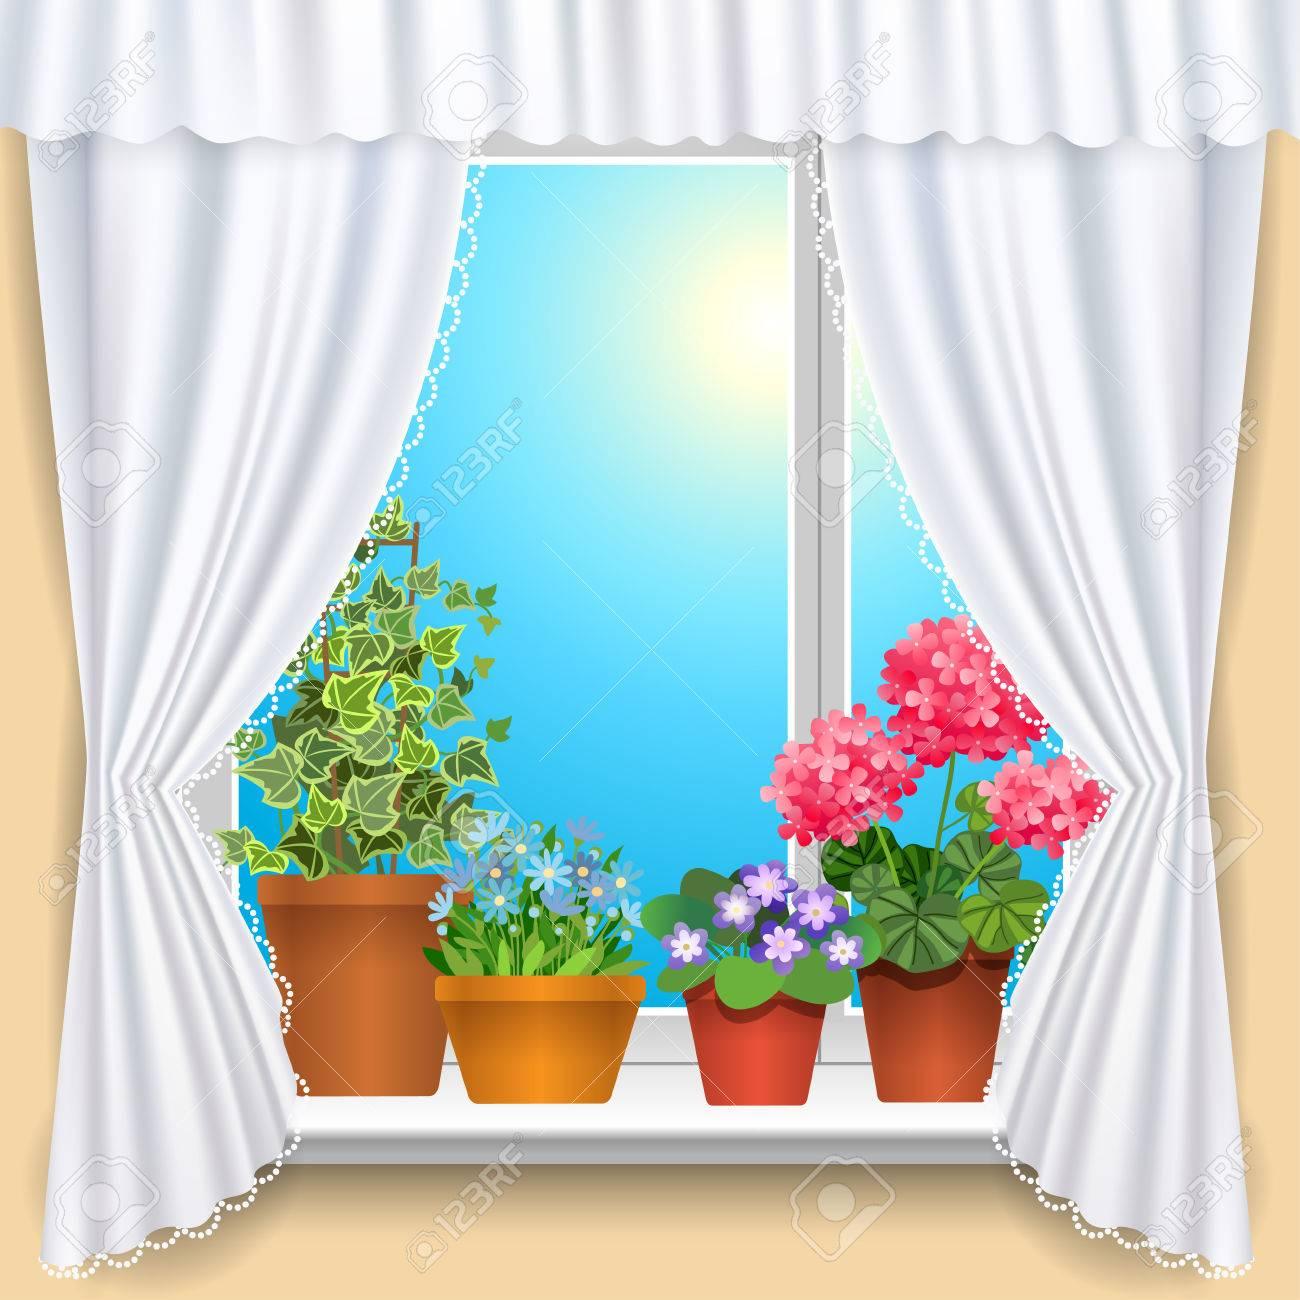 Fenêtre Avec Des Rideaux Et Des Fleurs Blanches Modèle Fond Pour La ...